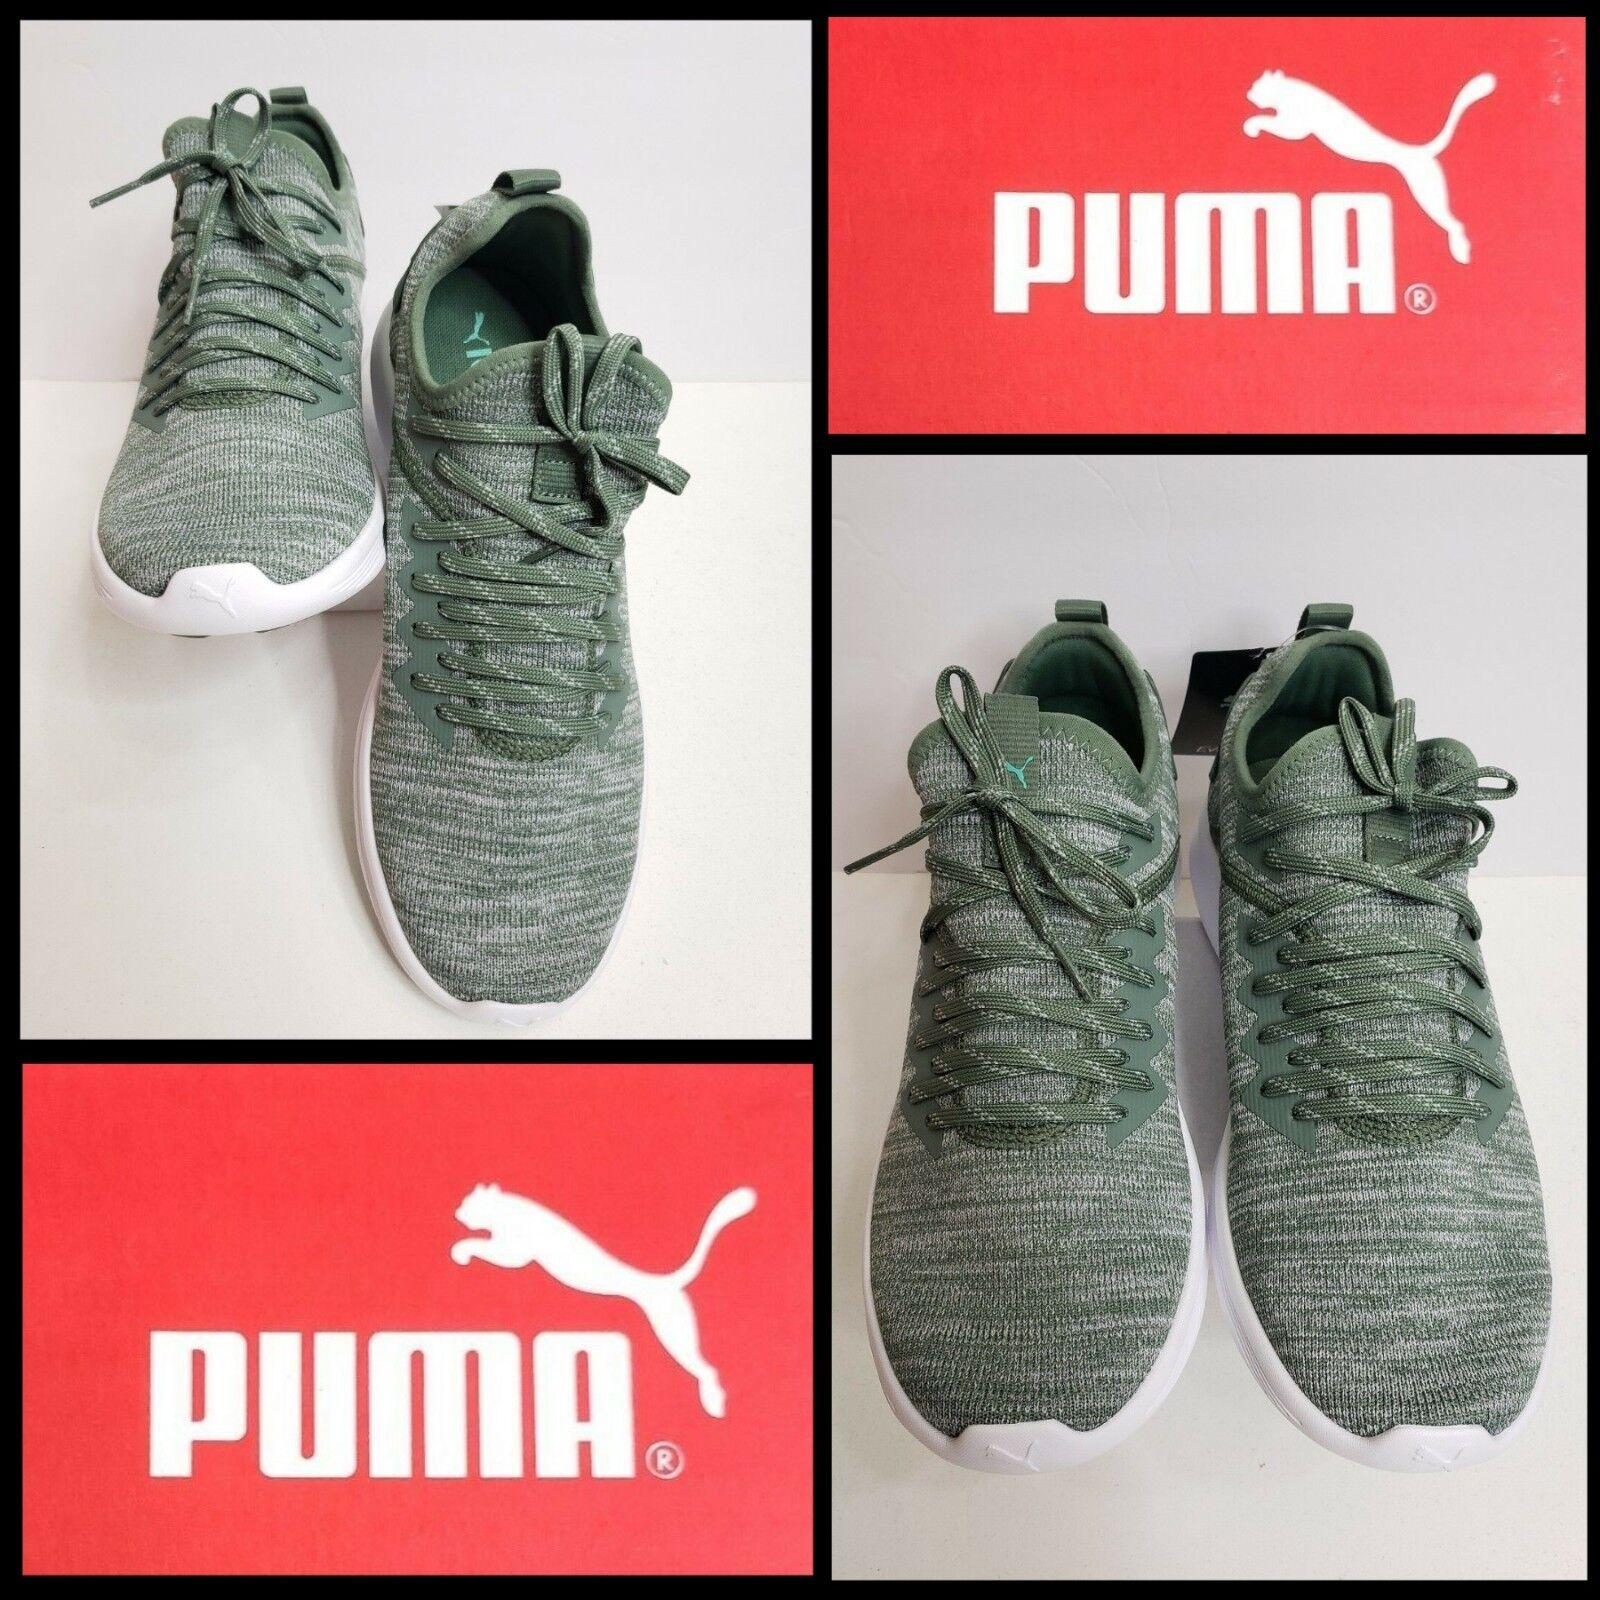 Puma 19051110 para Mujer Ignite Flash evoknit zapatilla de de de deporte Nuevo con etiquetas  mejor opcion